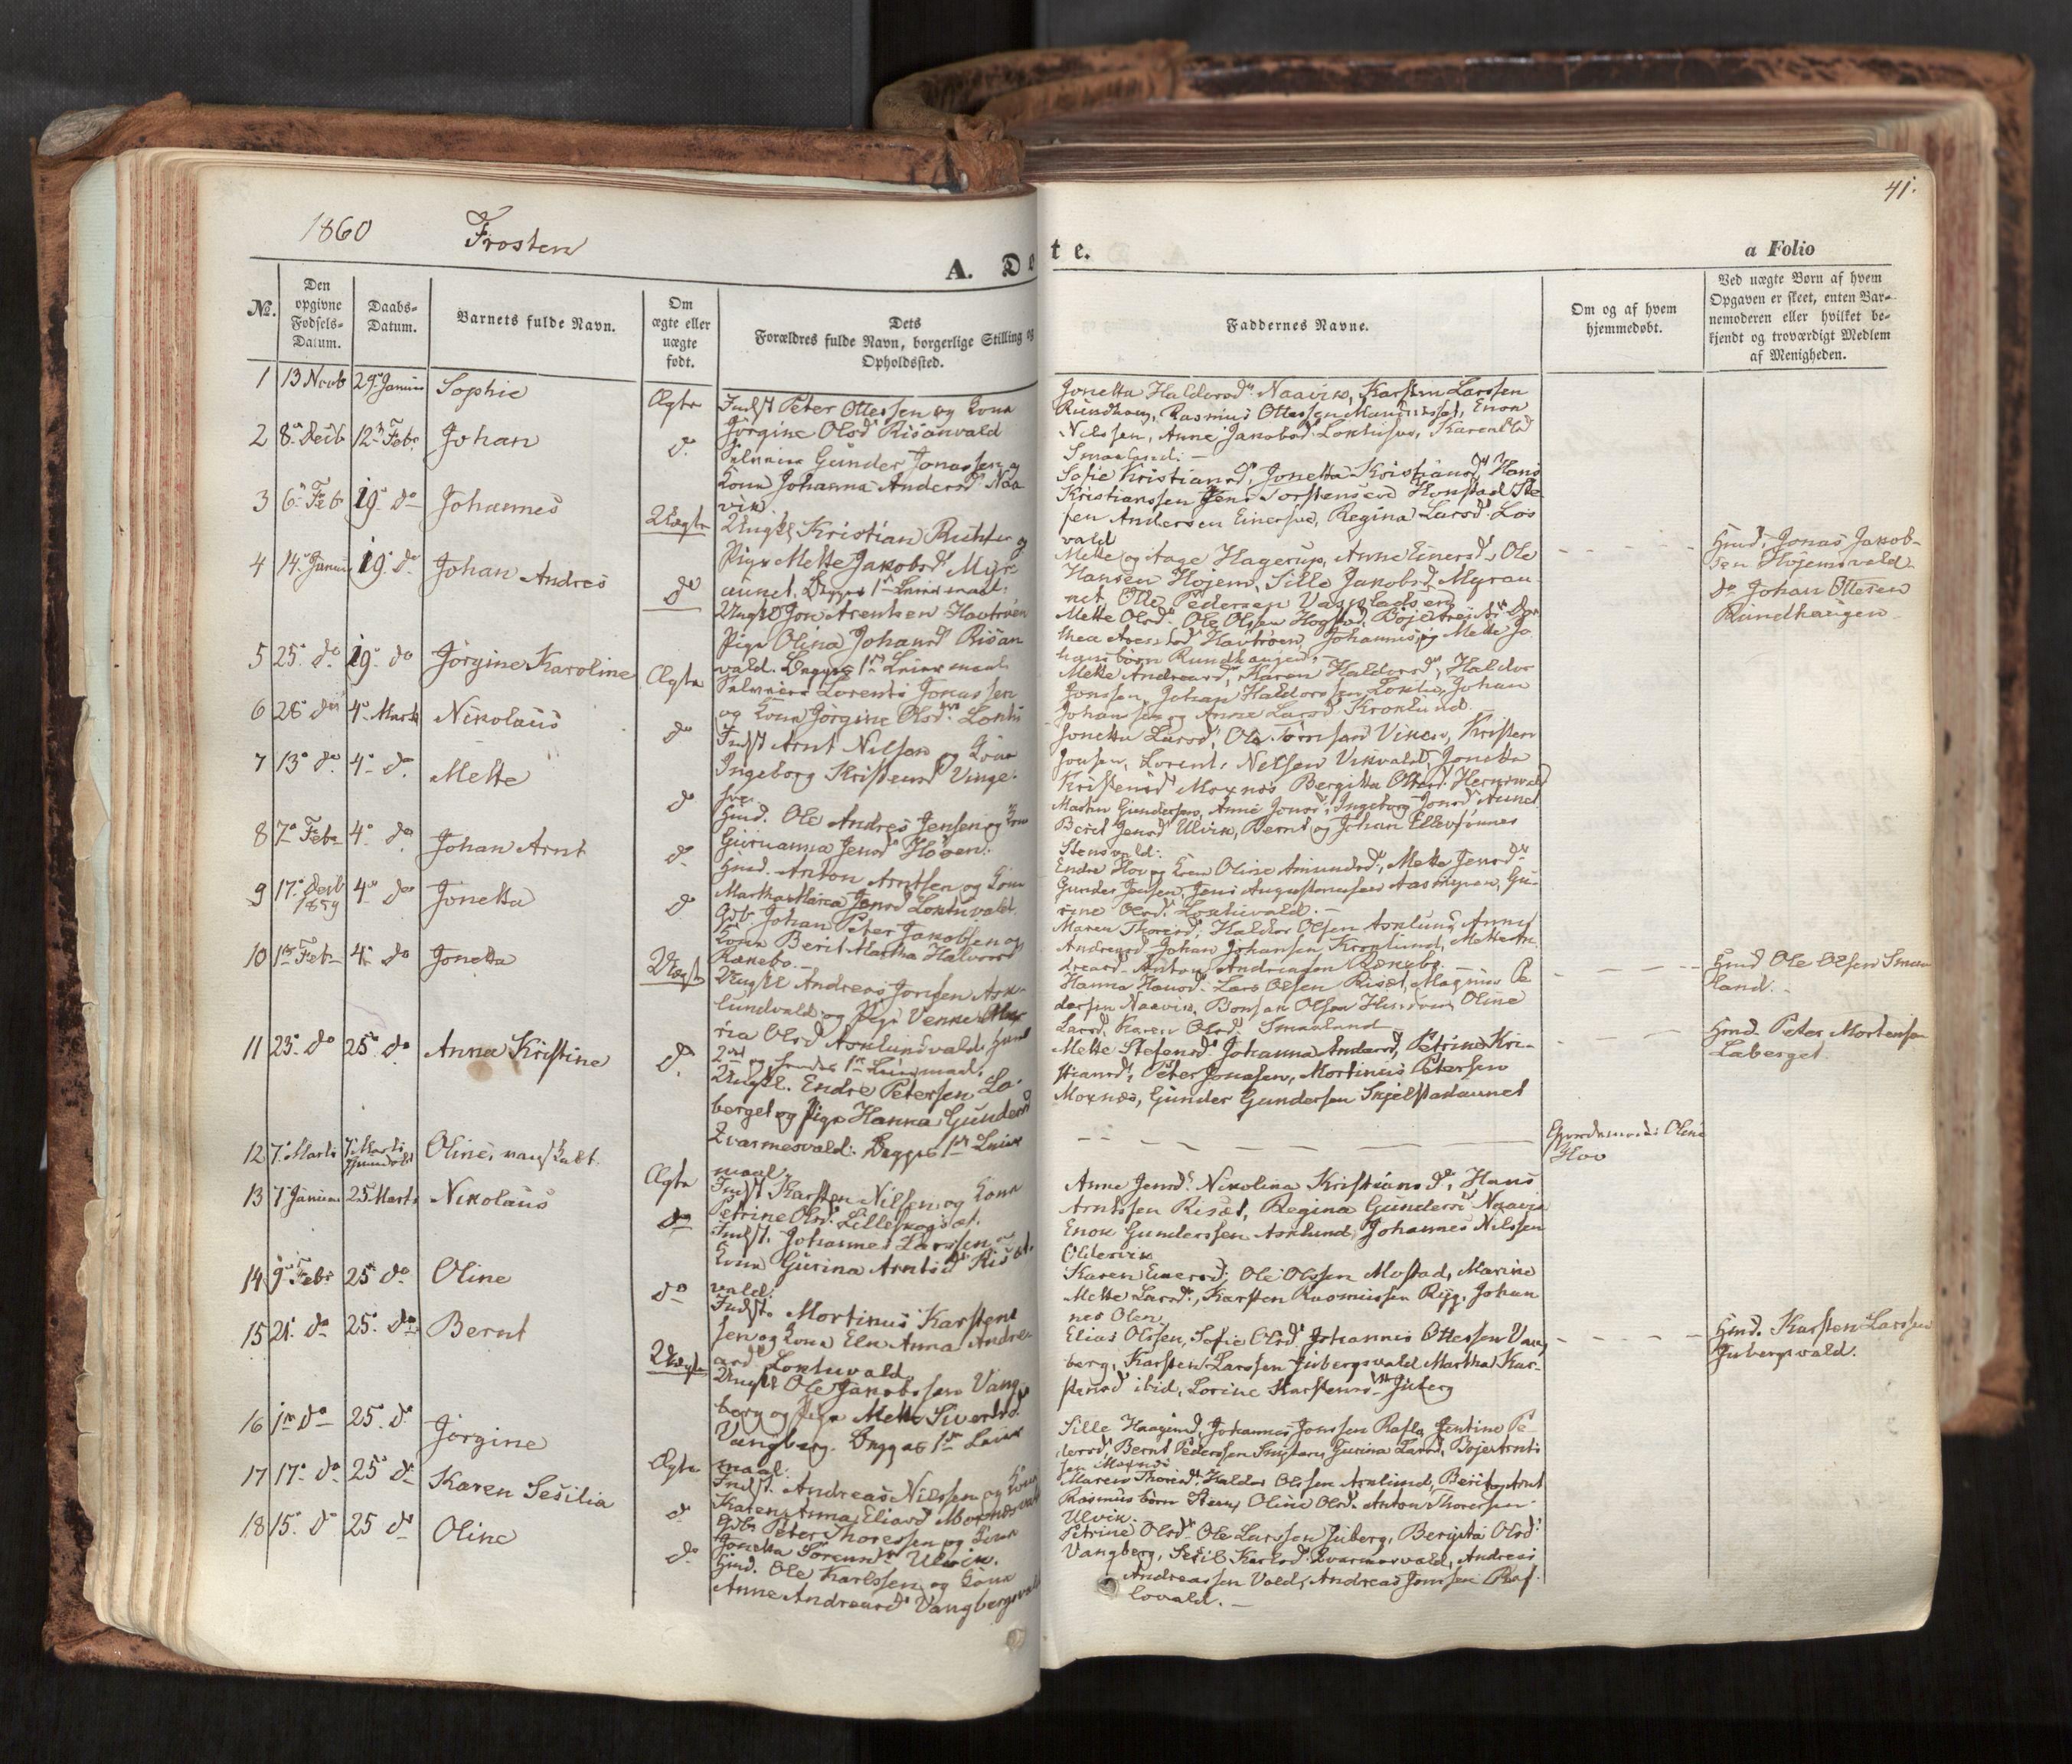 SAT, Ministerialprotokoller, klokkerbøker og fødselsregistre - Nord-Trøndelag, 713/L0116: Ministerialbok nr. 713A07, 1850-1877, s. 41